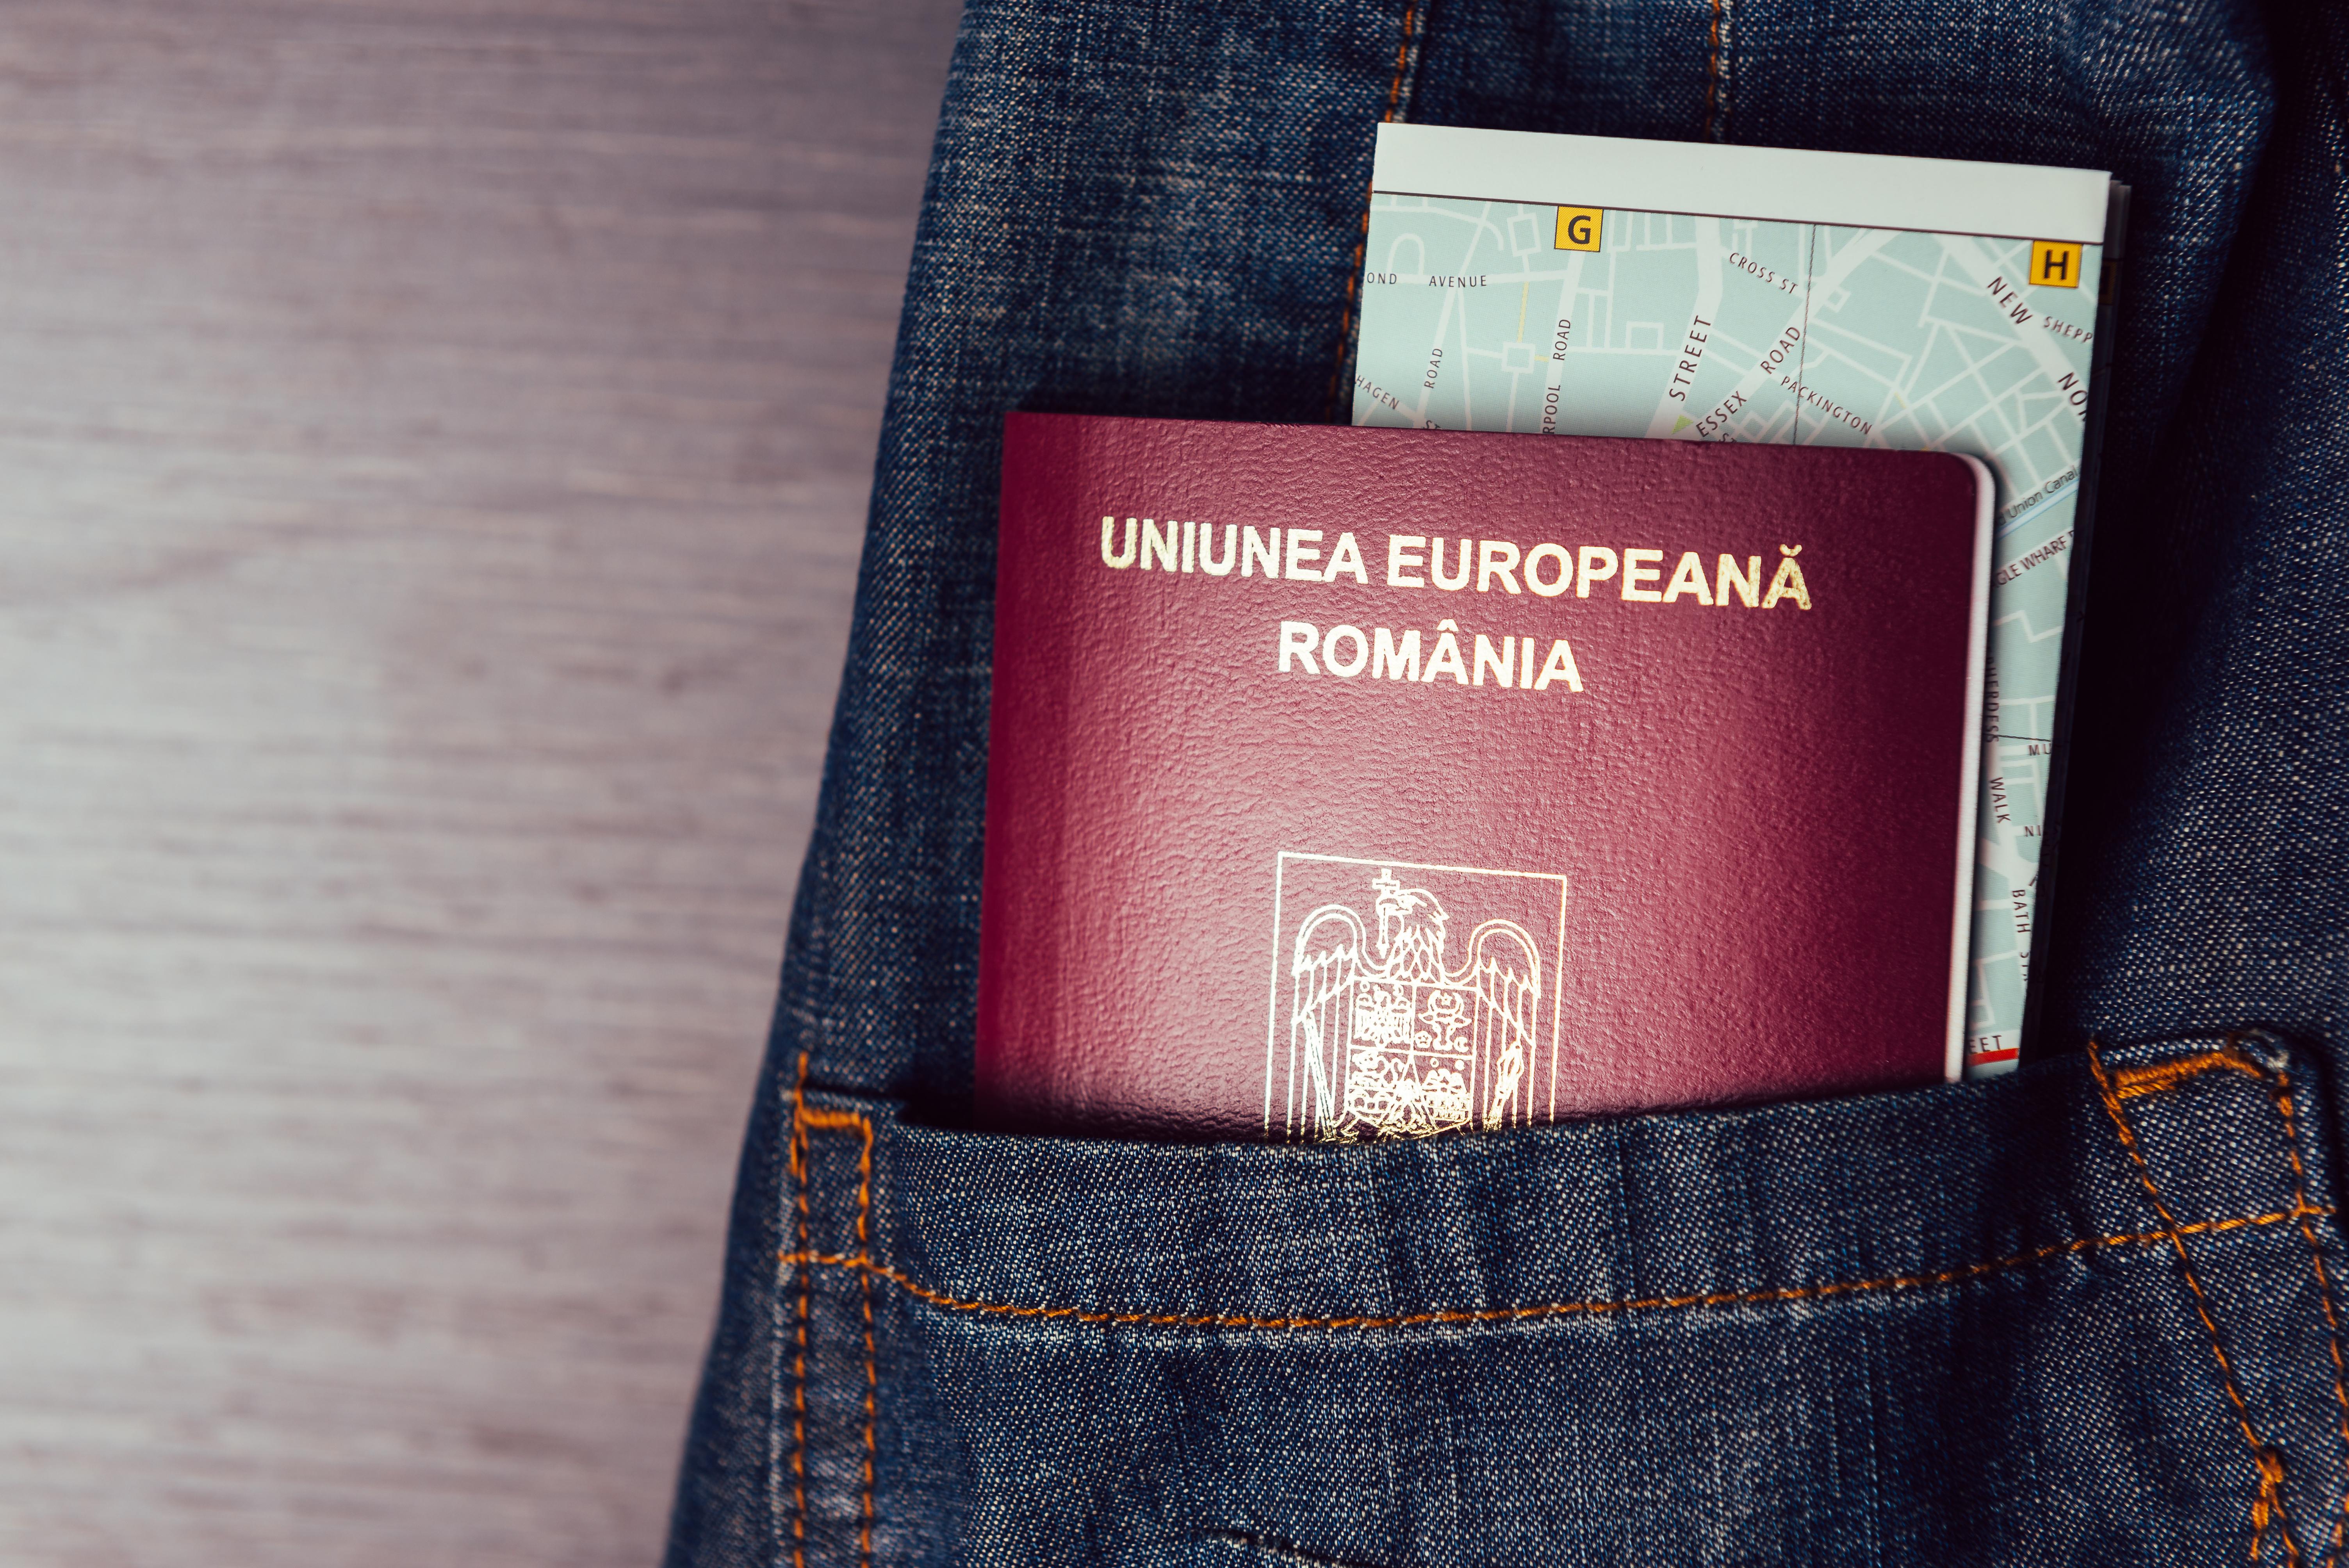 Паспорт Румынии, гражданство которой могут получить россияне